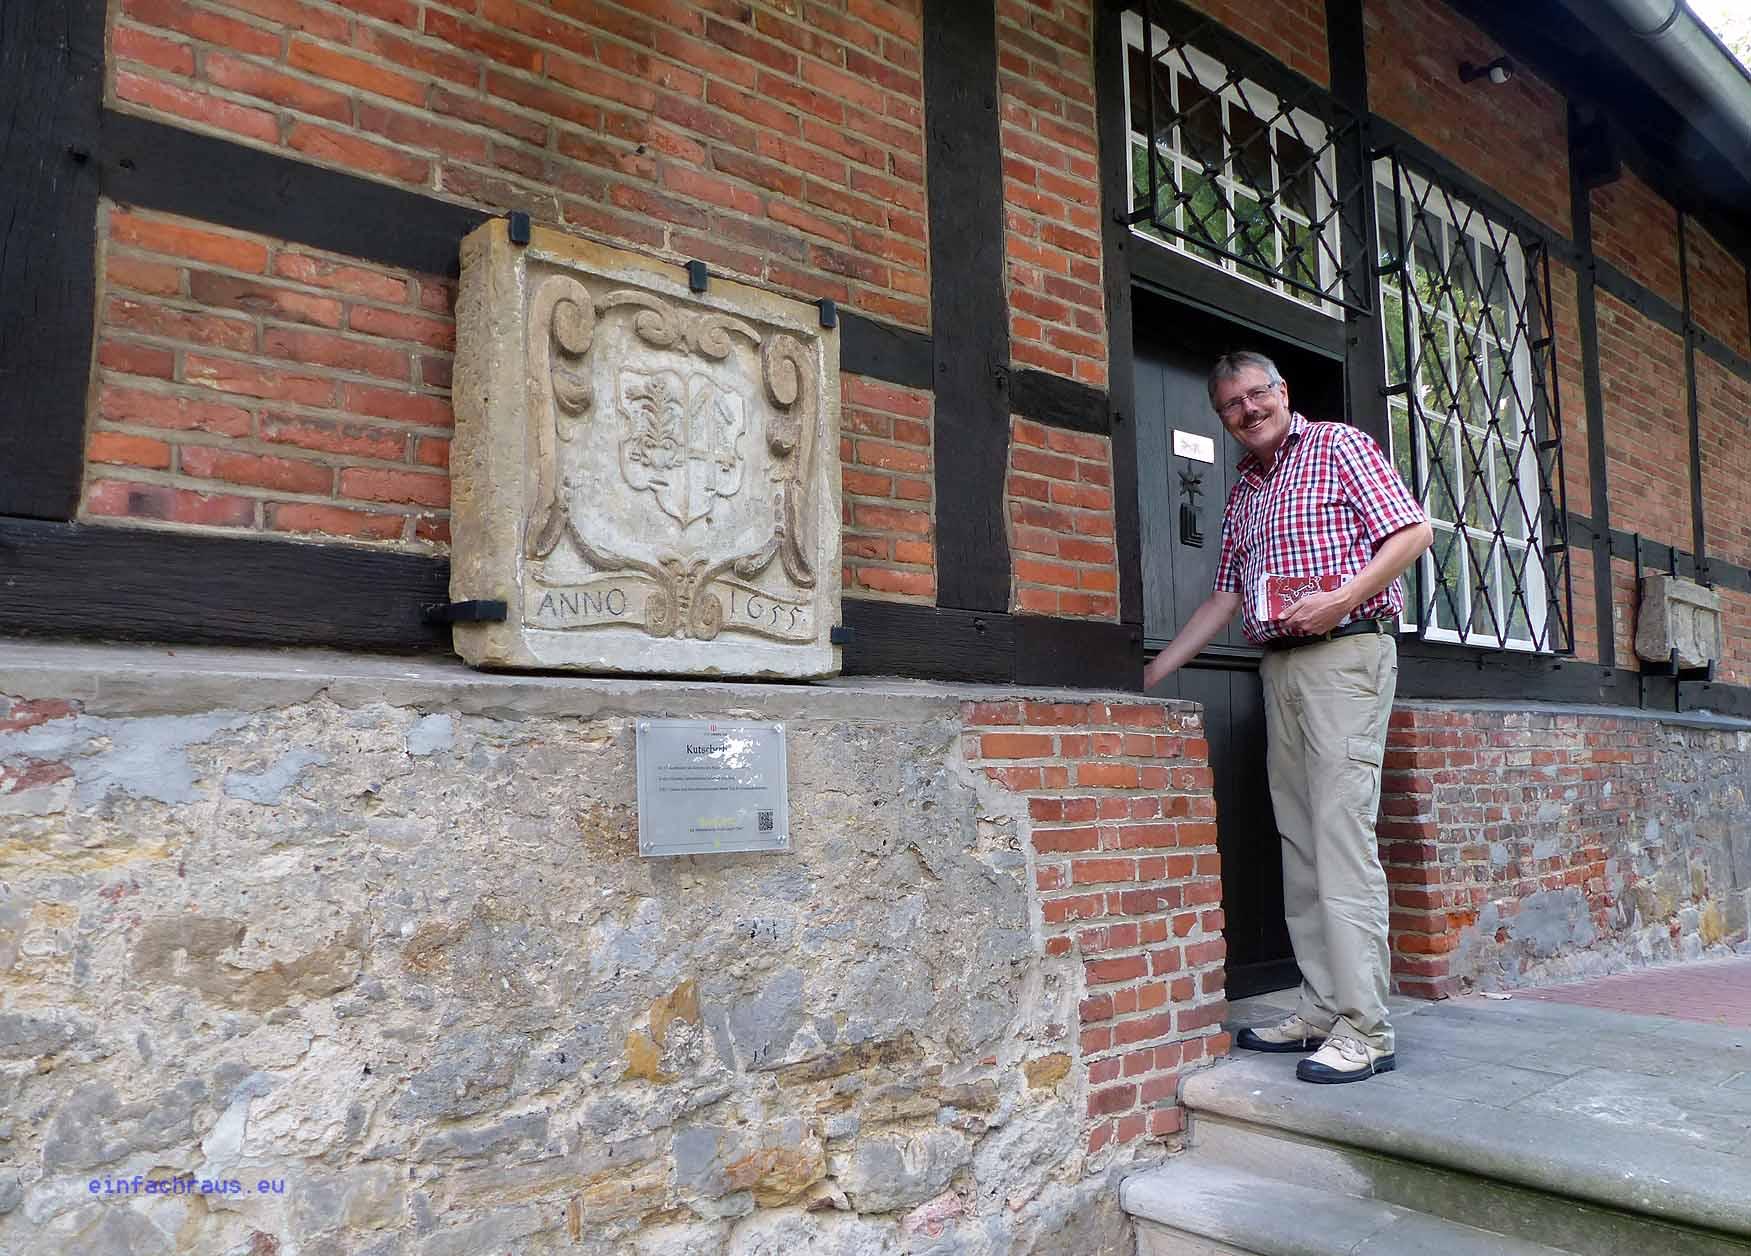 Museumsleiter Dr. Andreas Eiynck führt durch die Ausstellungen sowie in das benachbarte Kutscherhaus;